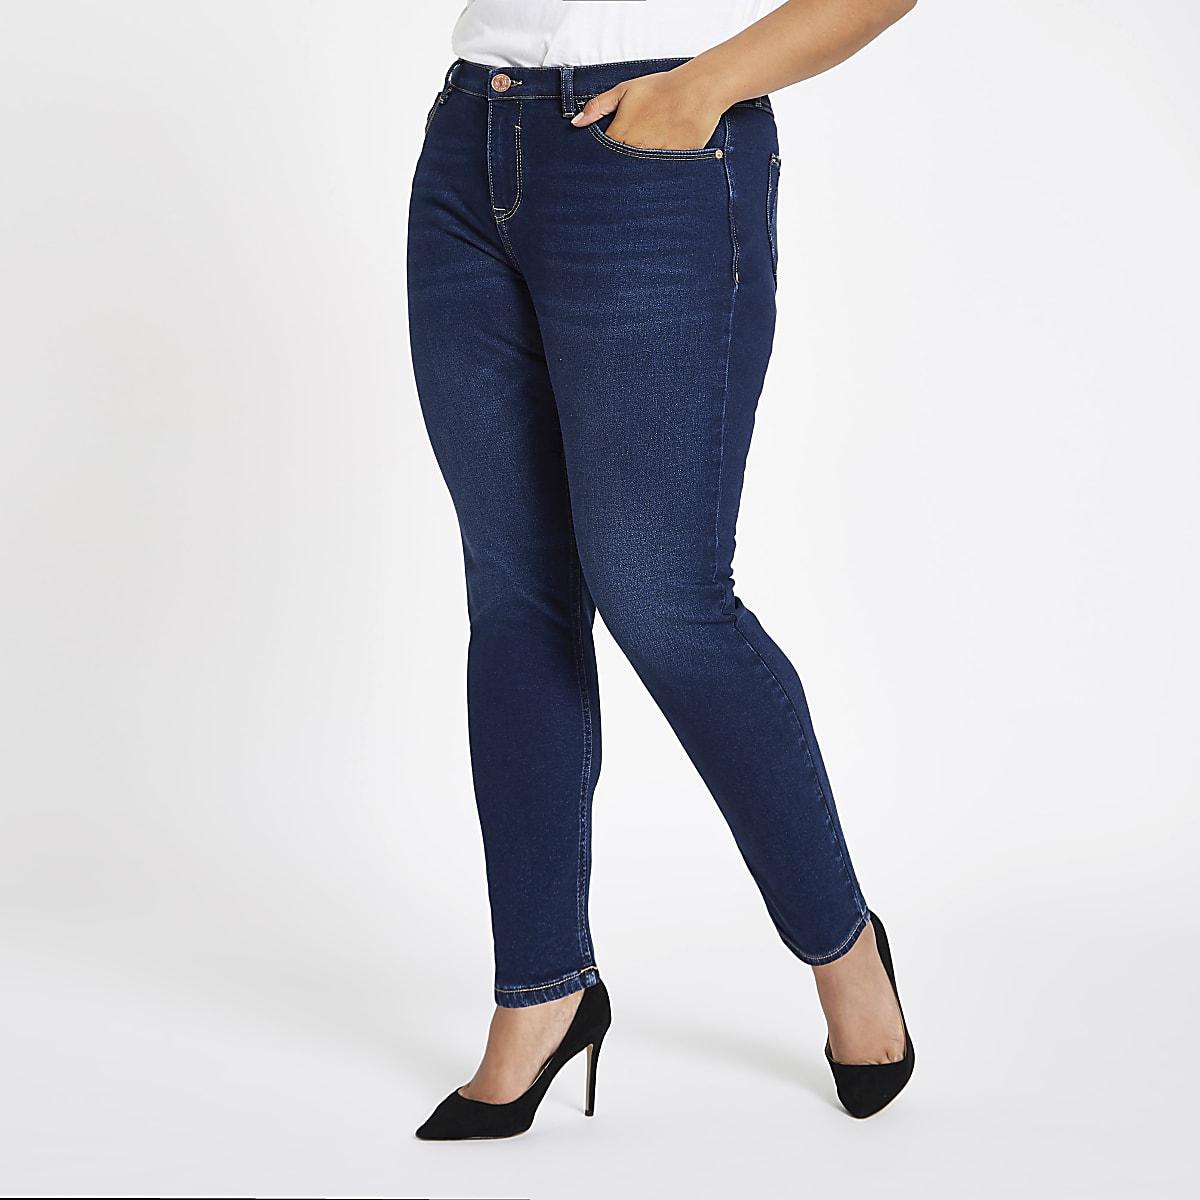 RI Plus - Alannah - Blauwe skinny jeans met halfhoge taille